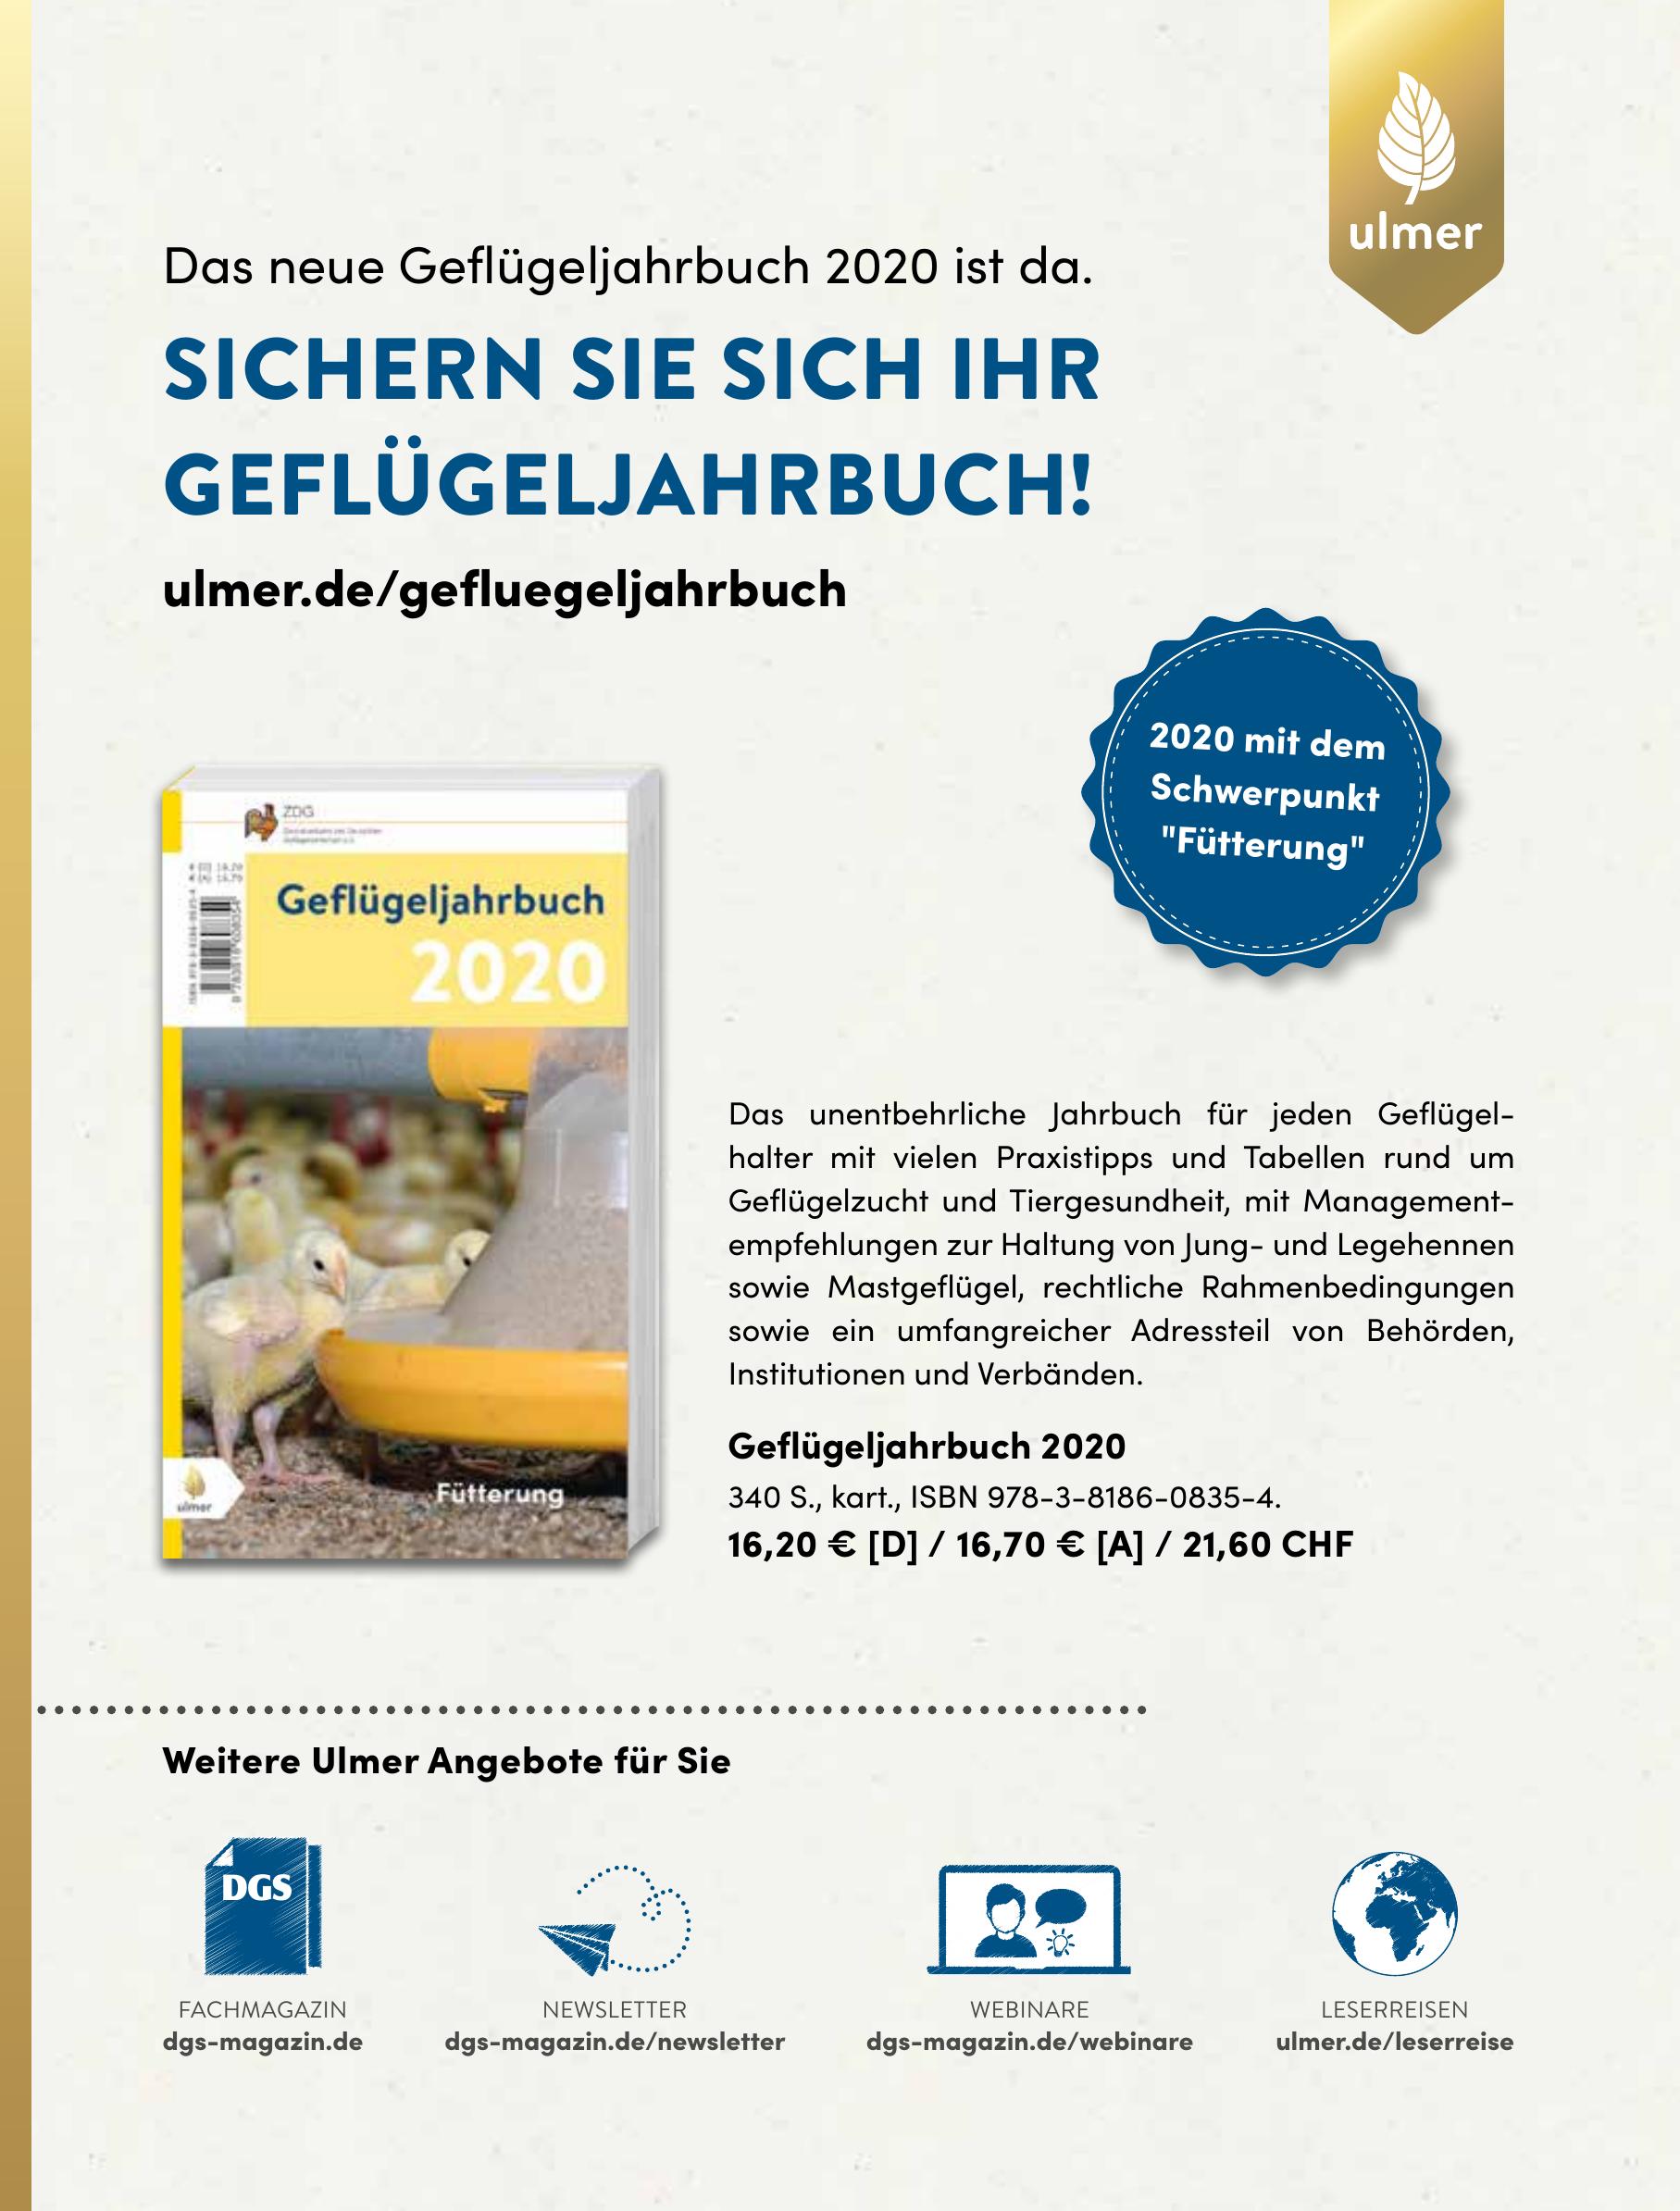 Ulmer - Geflügeljahrbuch 2020